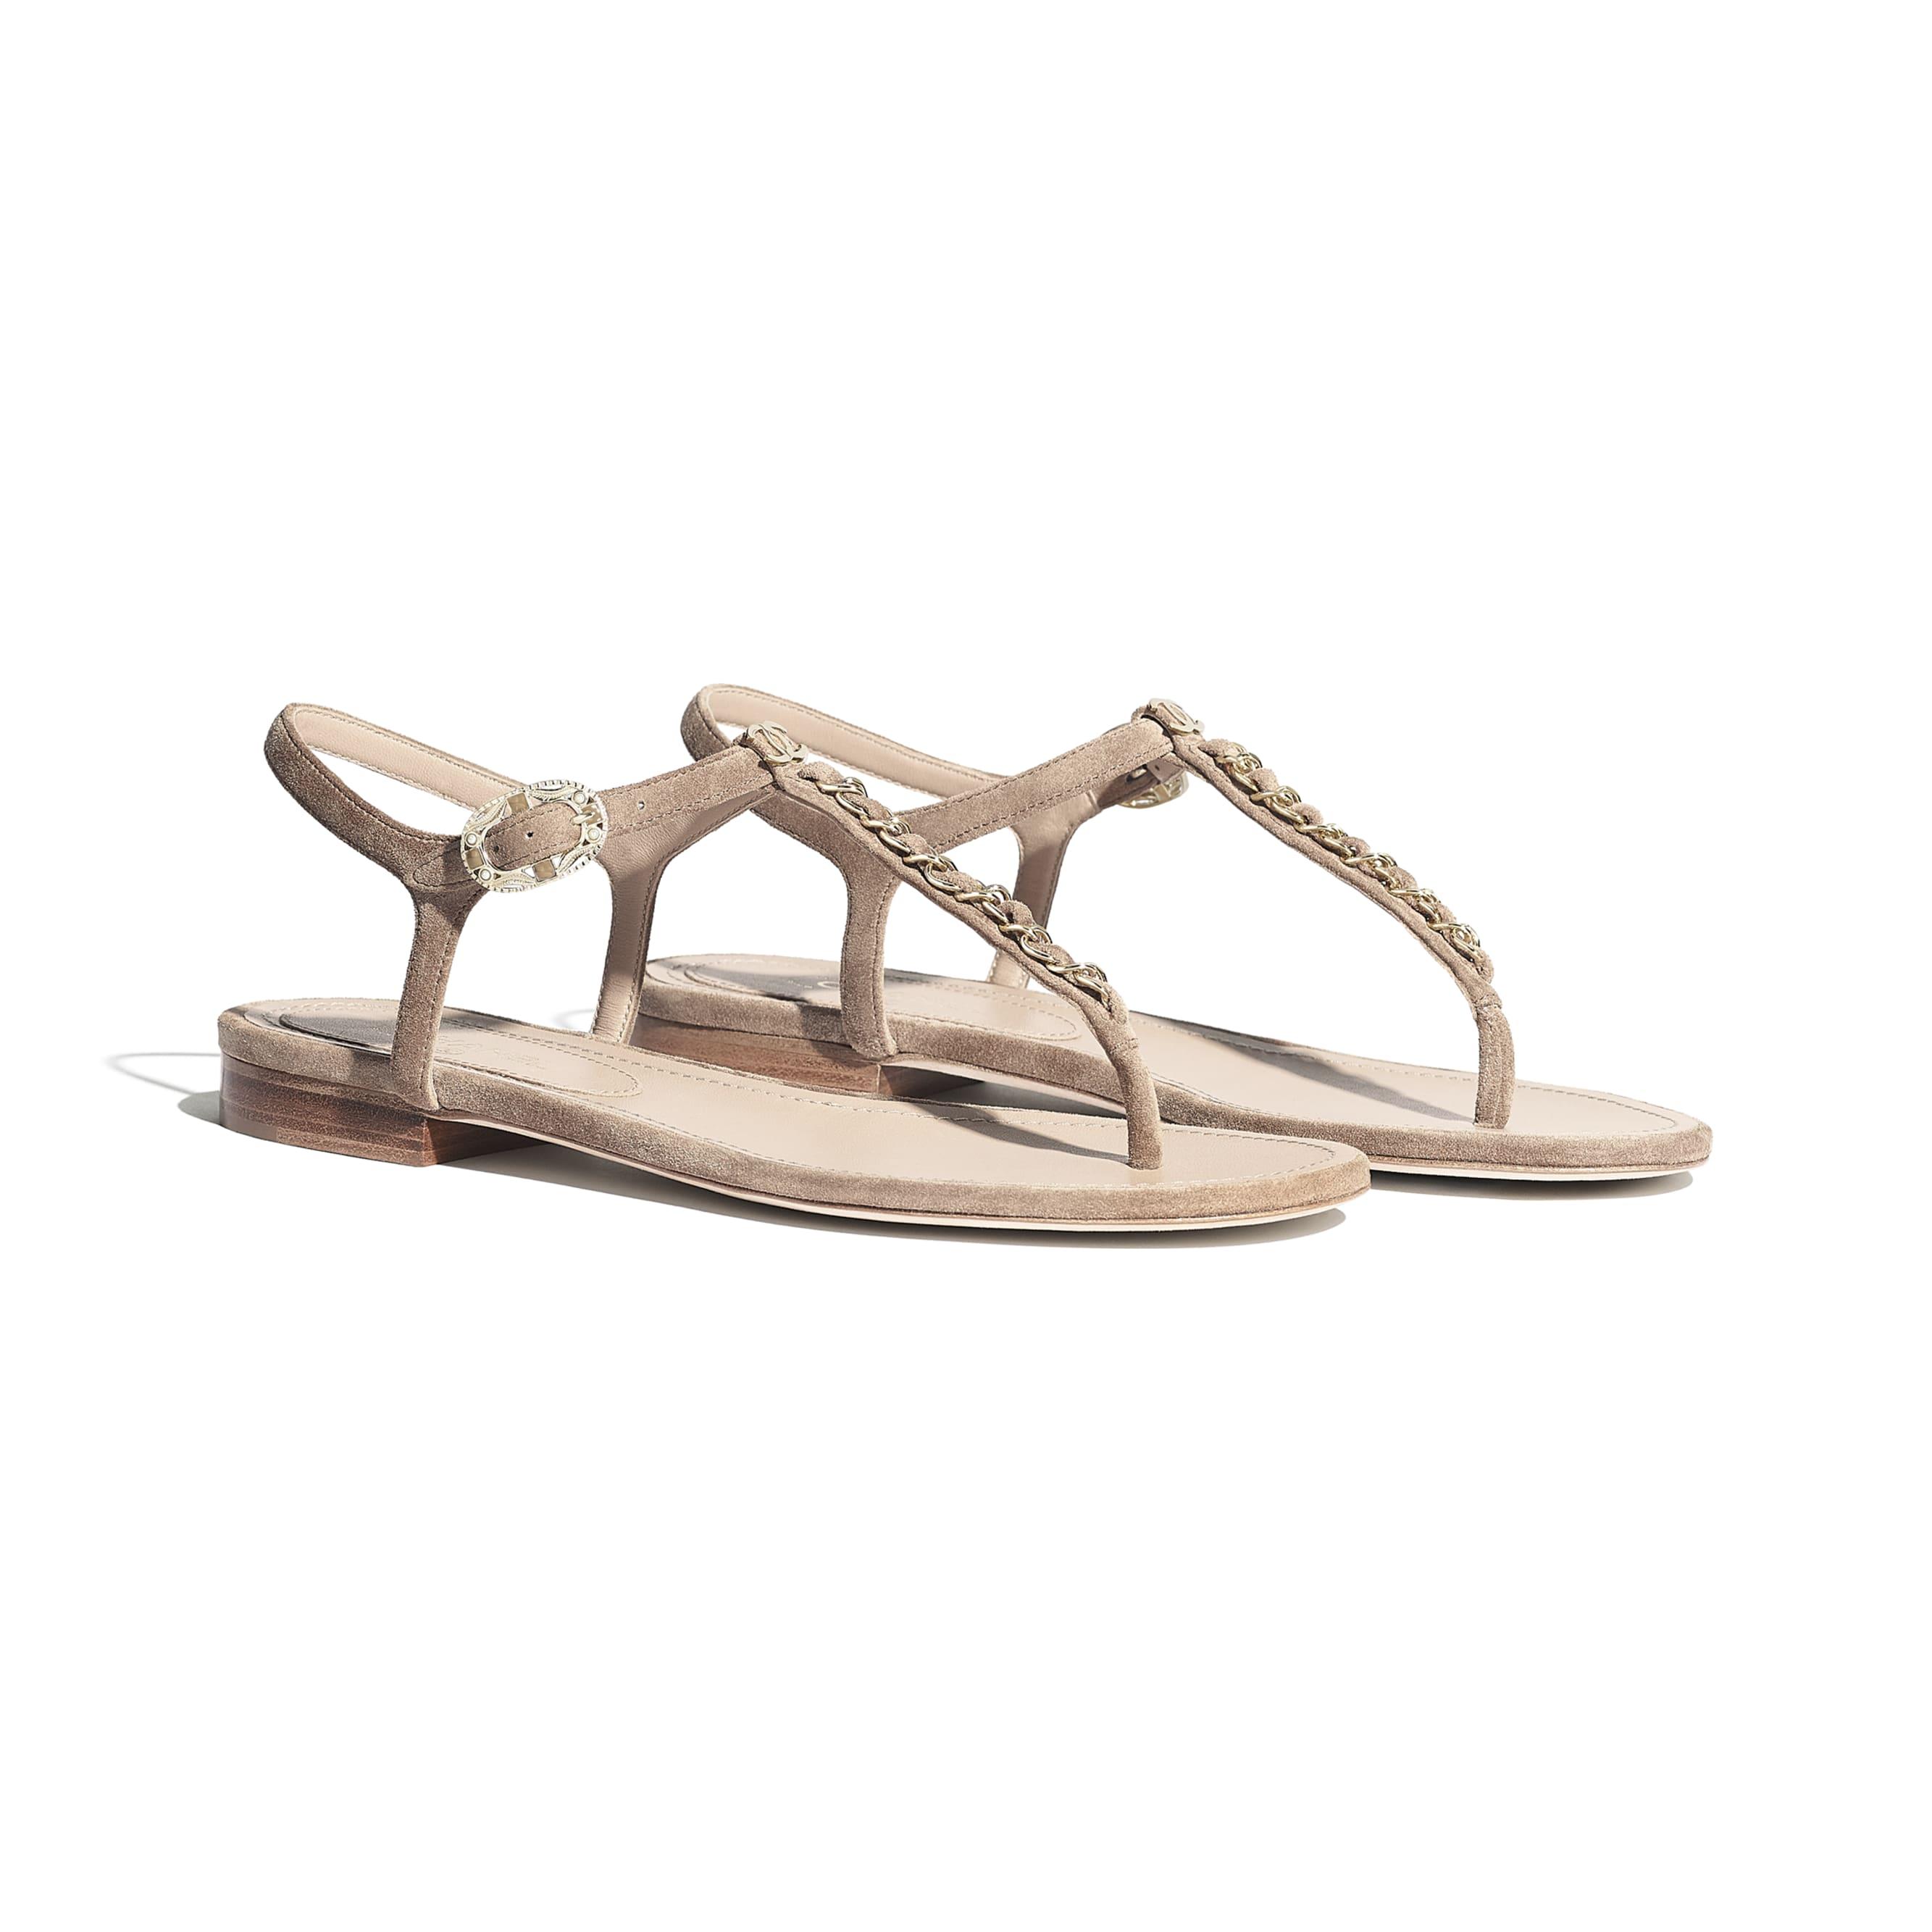 Sandały - Kolor beżowy - Zamszowa skóra cielęca - Widok alternatywny – zobacz w standardowym rozmiarze